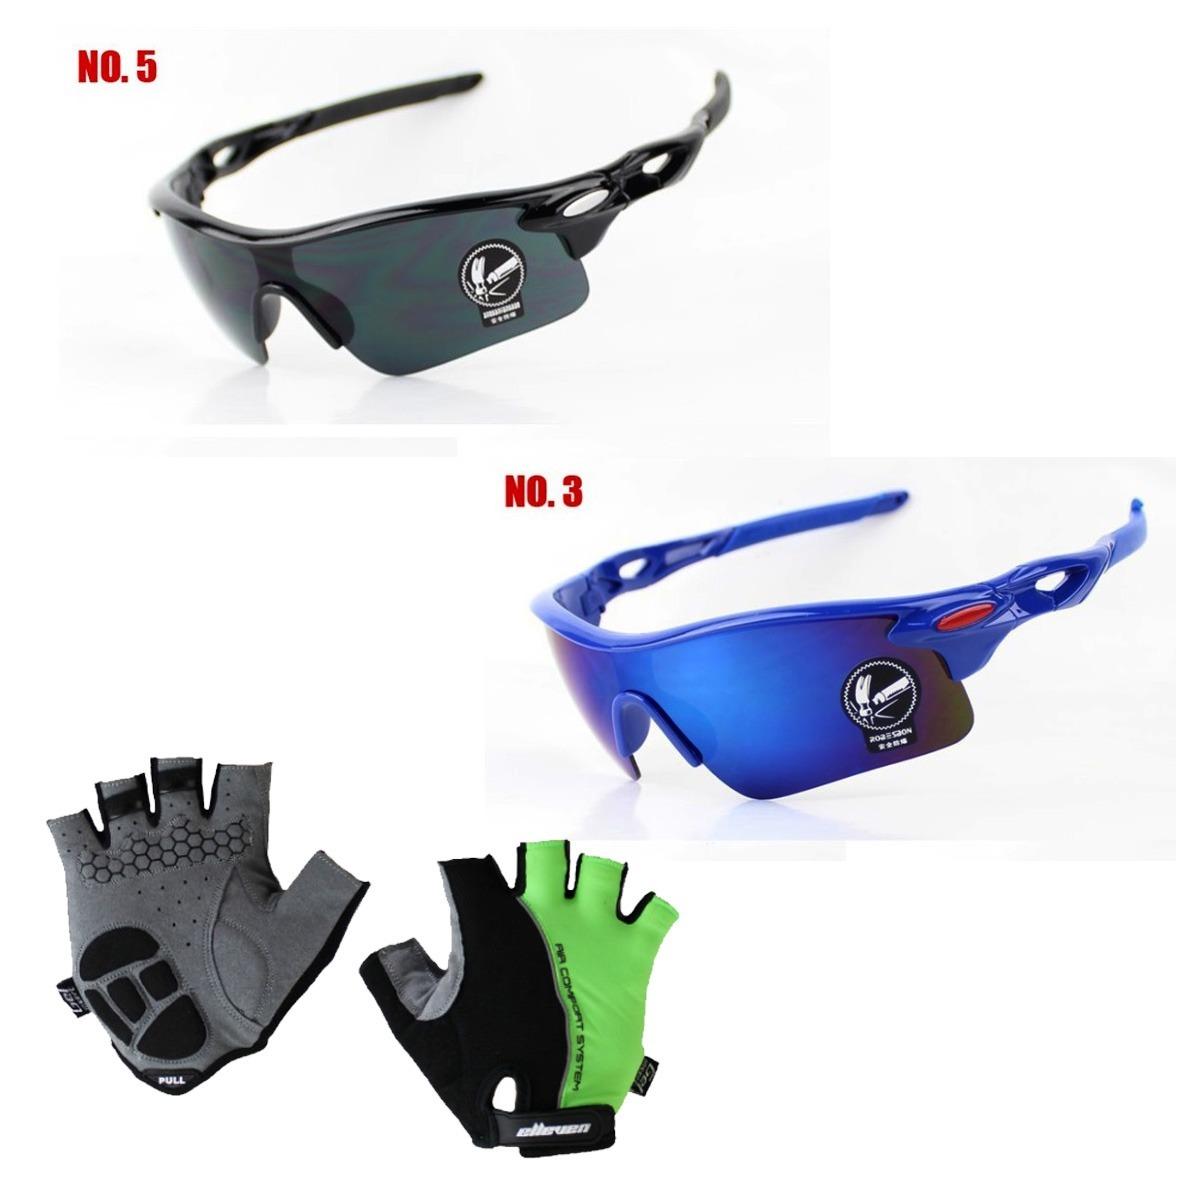 Luvas De Ciclismo +kit 2 Óculos Proteção Uv, Pedalar A Noite - R  75 ... dee9a04e68